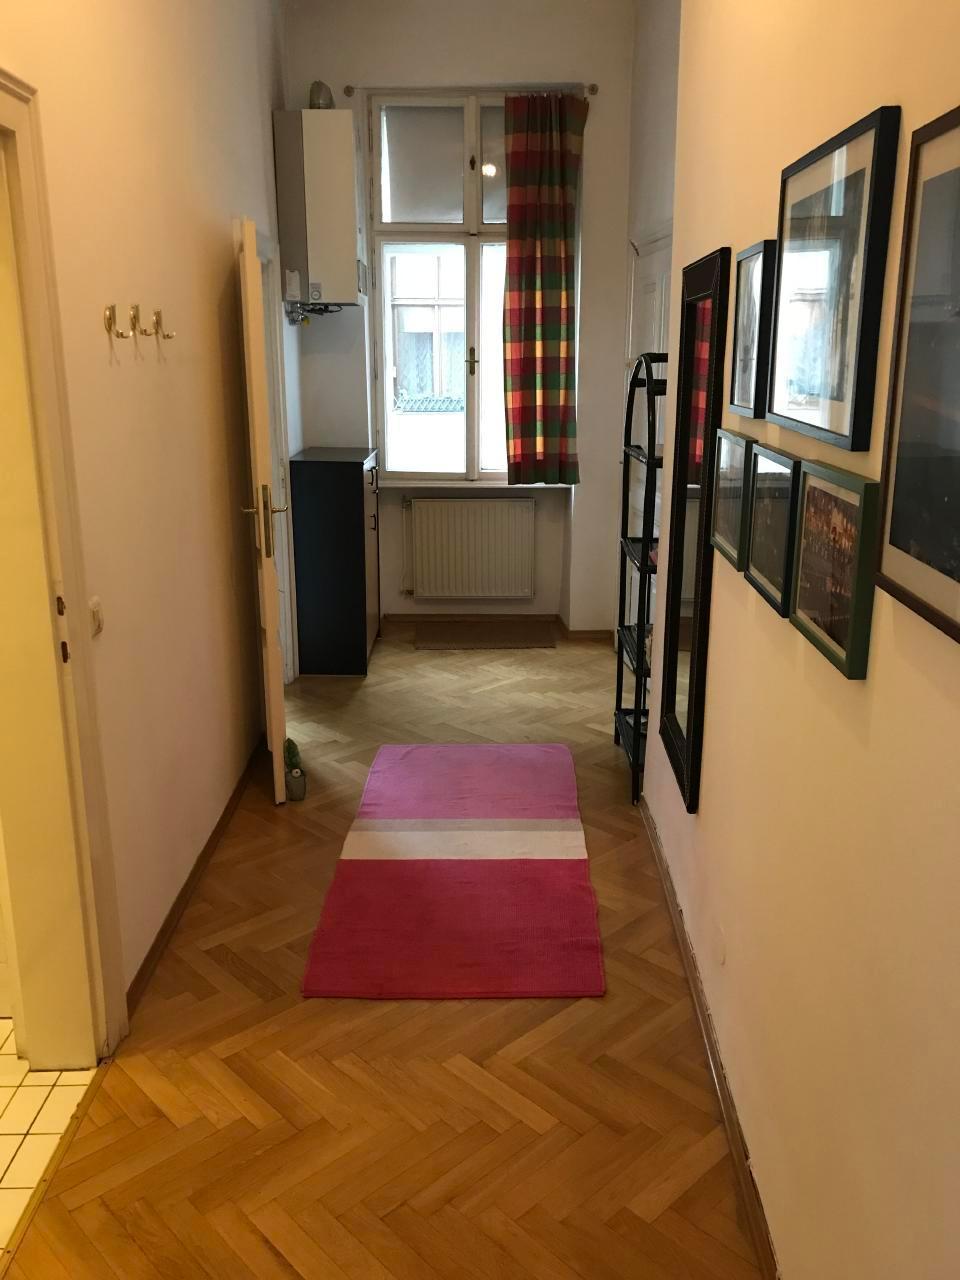 Appartement de vacances Ferienwohnung (359405), Vienne, , Vienne, Autriche, image 10